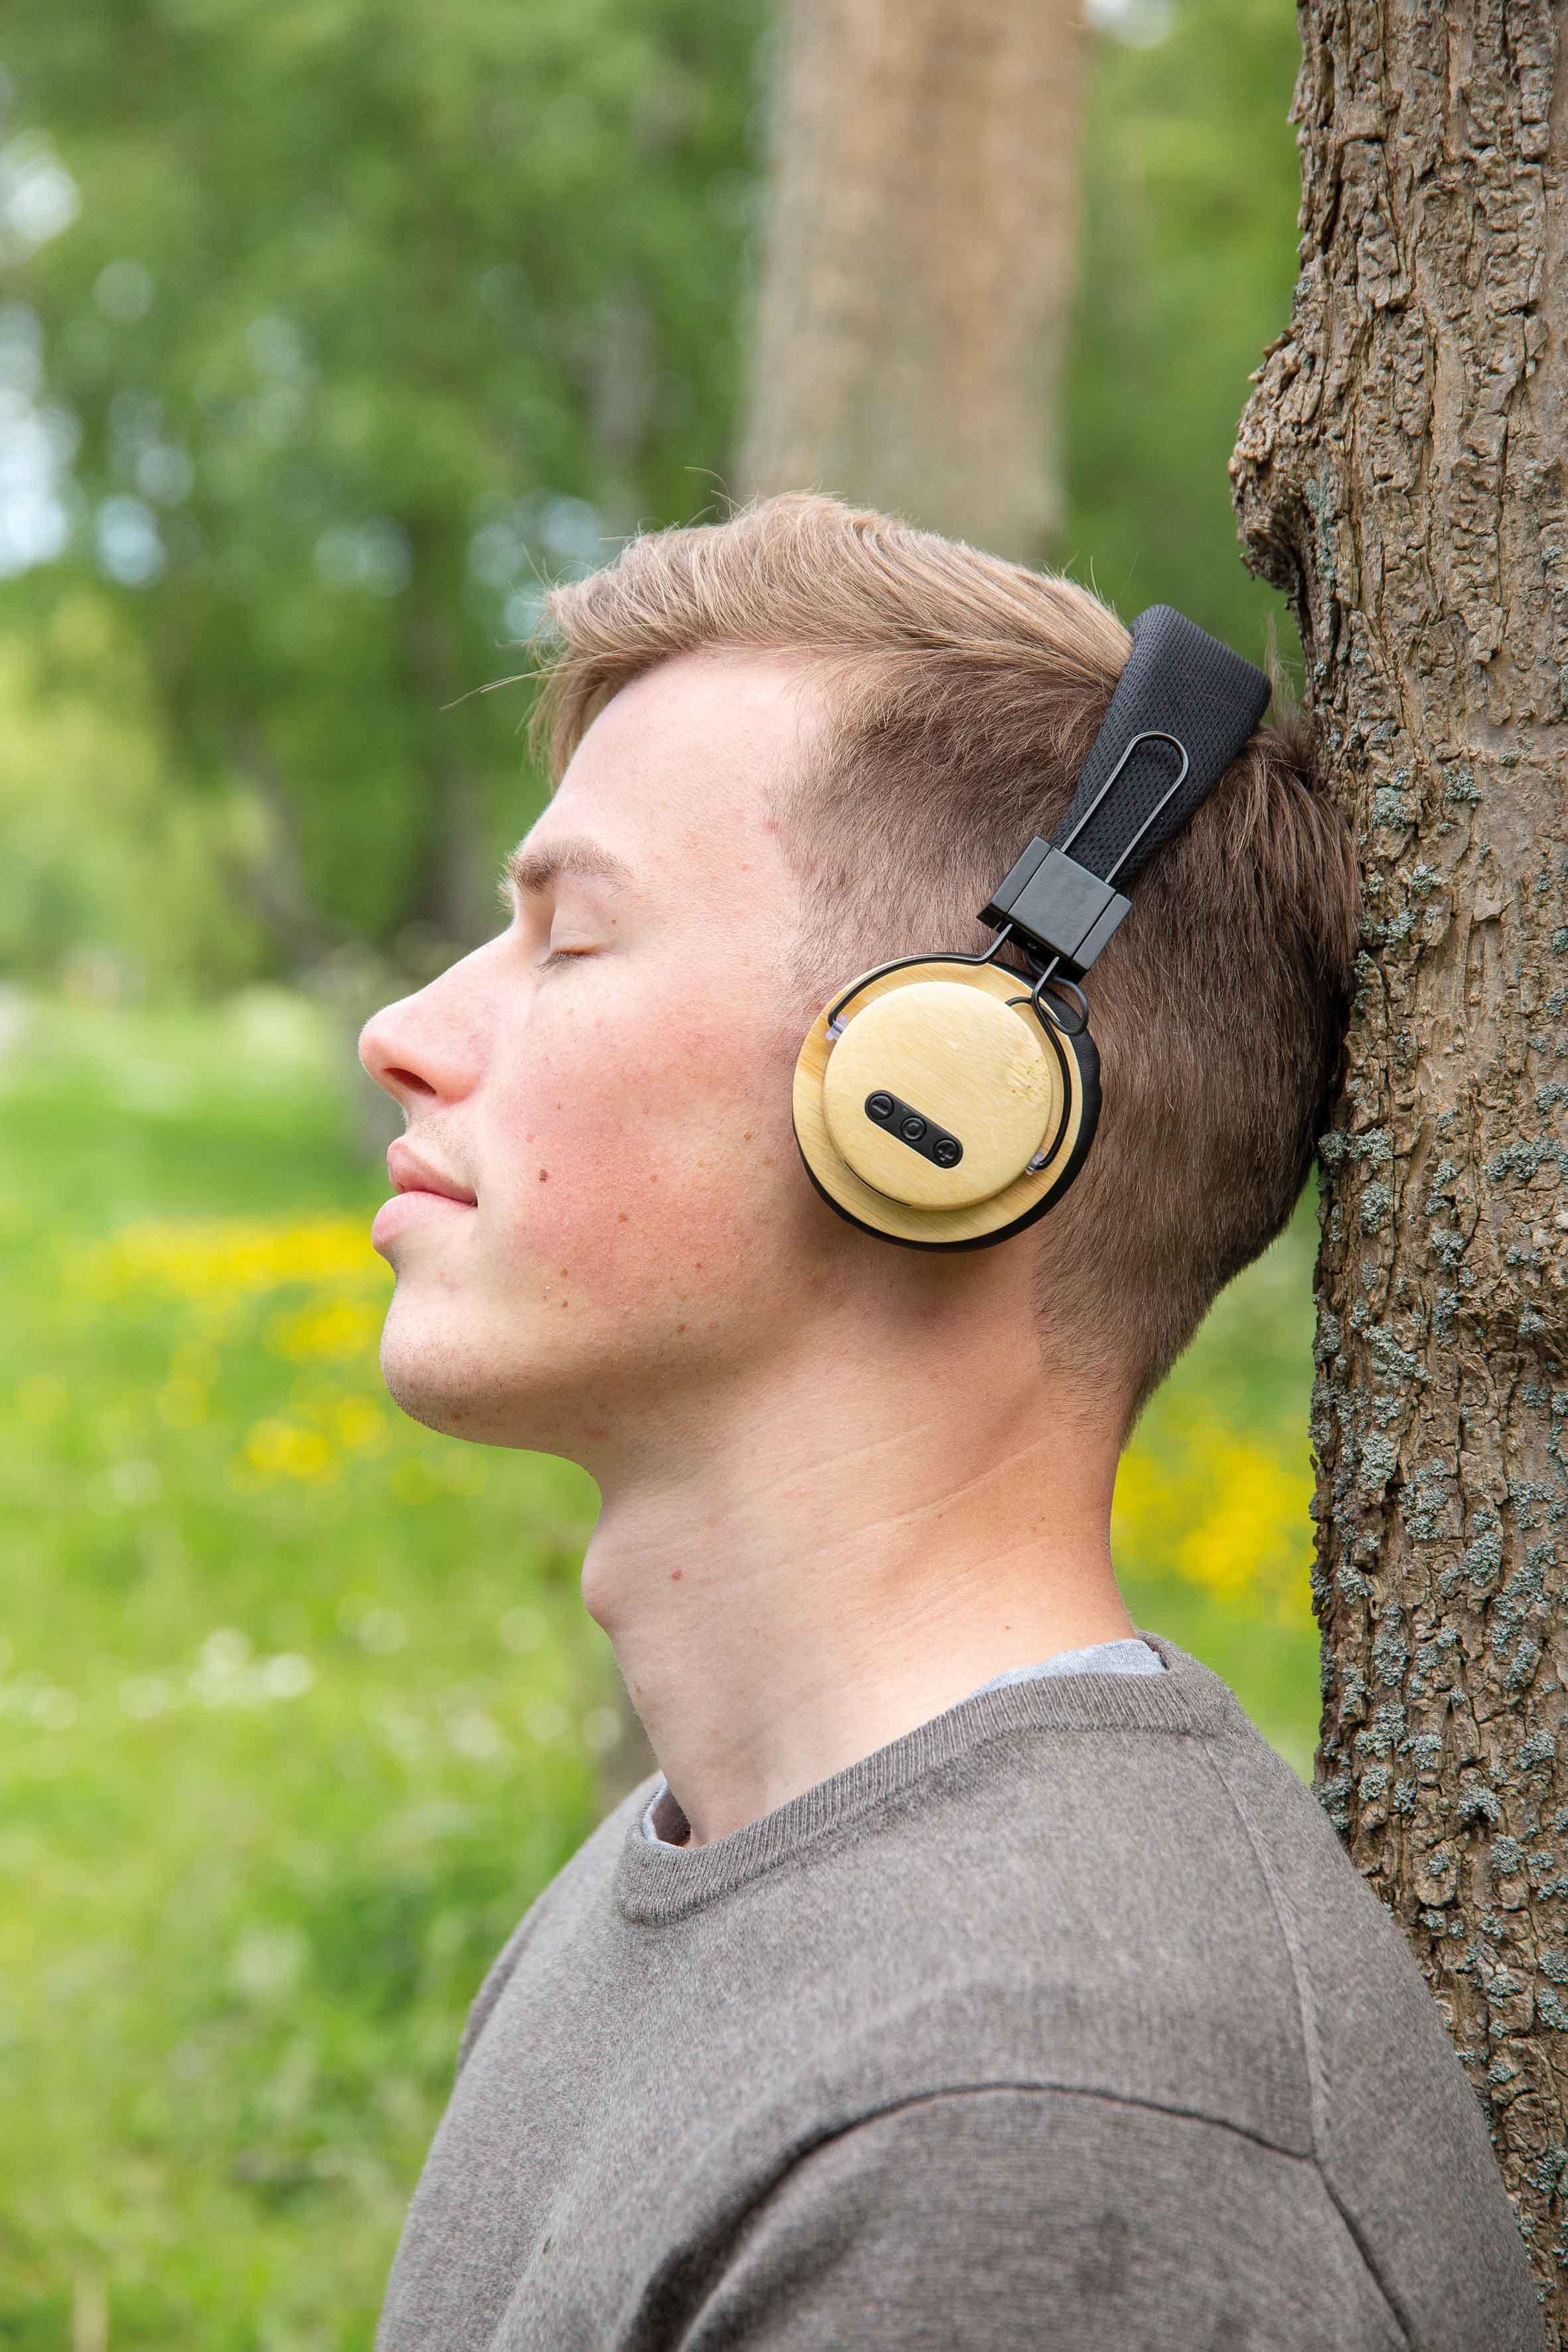 Casque audio sans fil en bambou - 9-1859-4